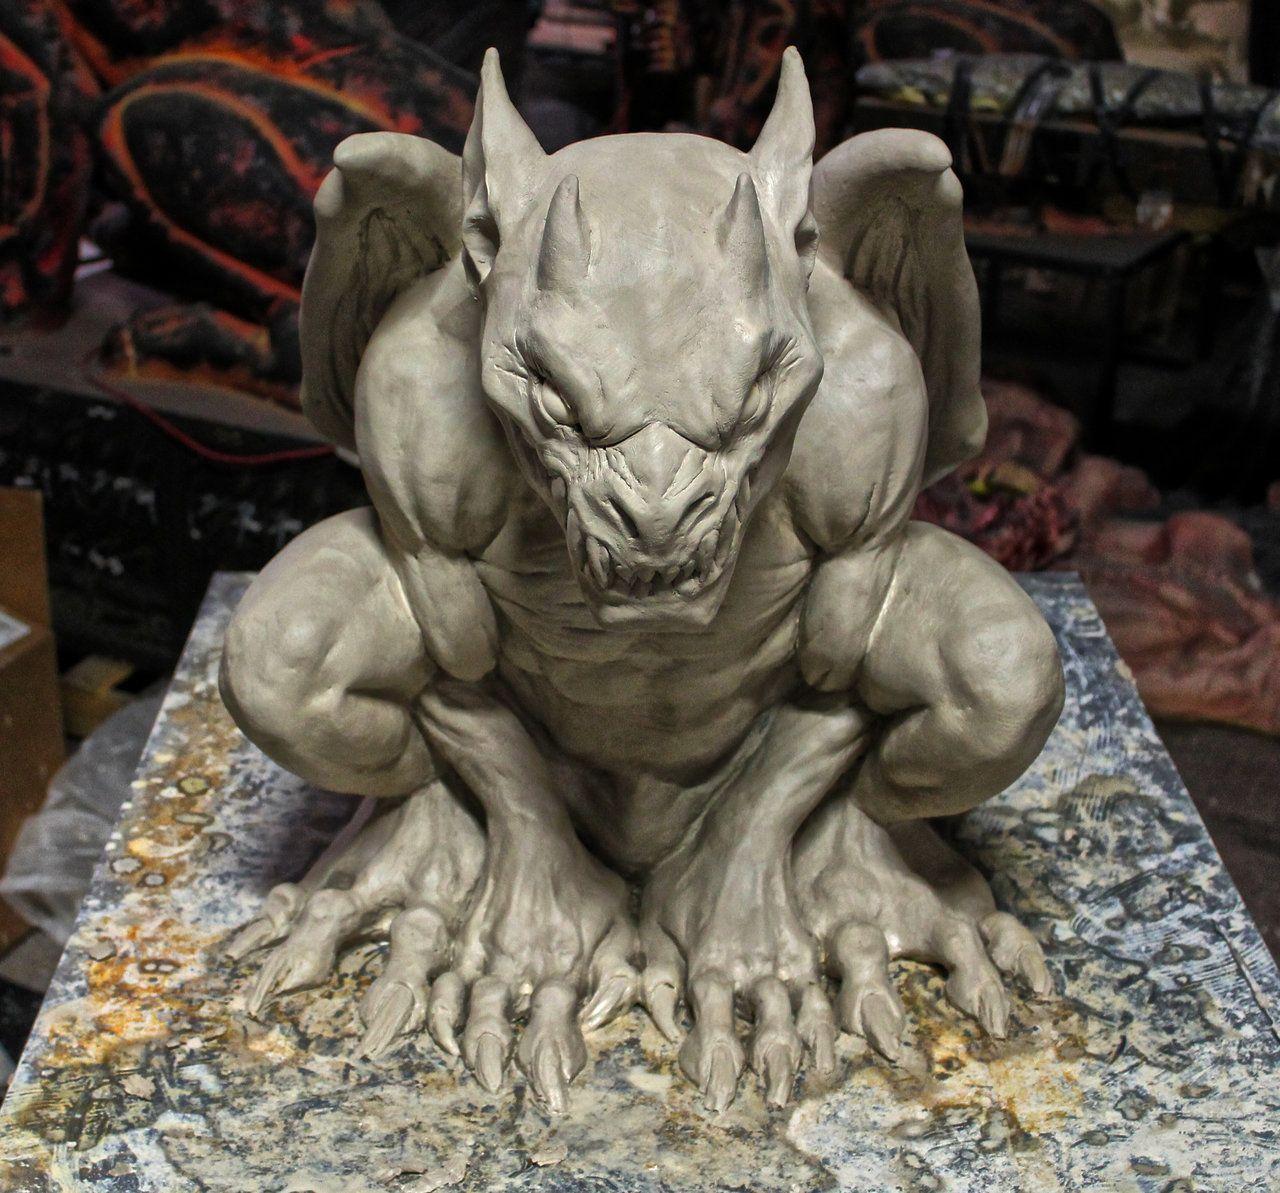 Distortions Unlimited Gothic Gargoyle Ver 2 By SkinStripperdeviantart On DeviantART